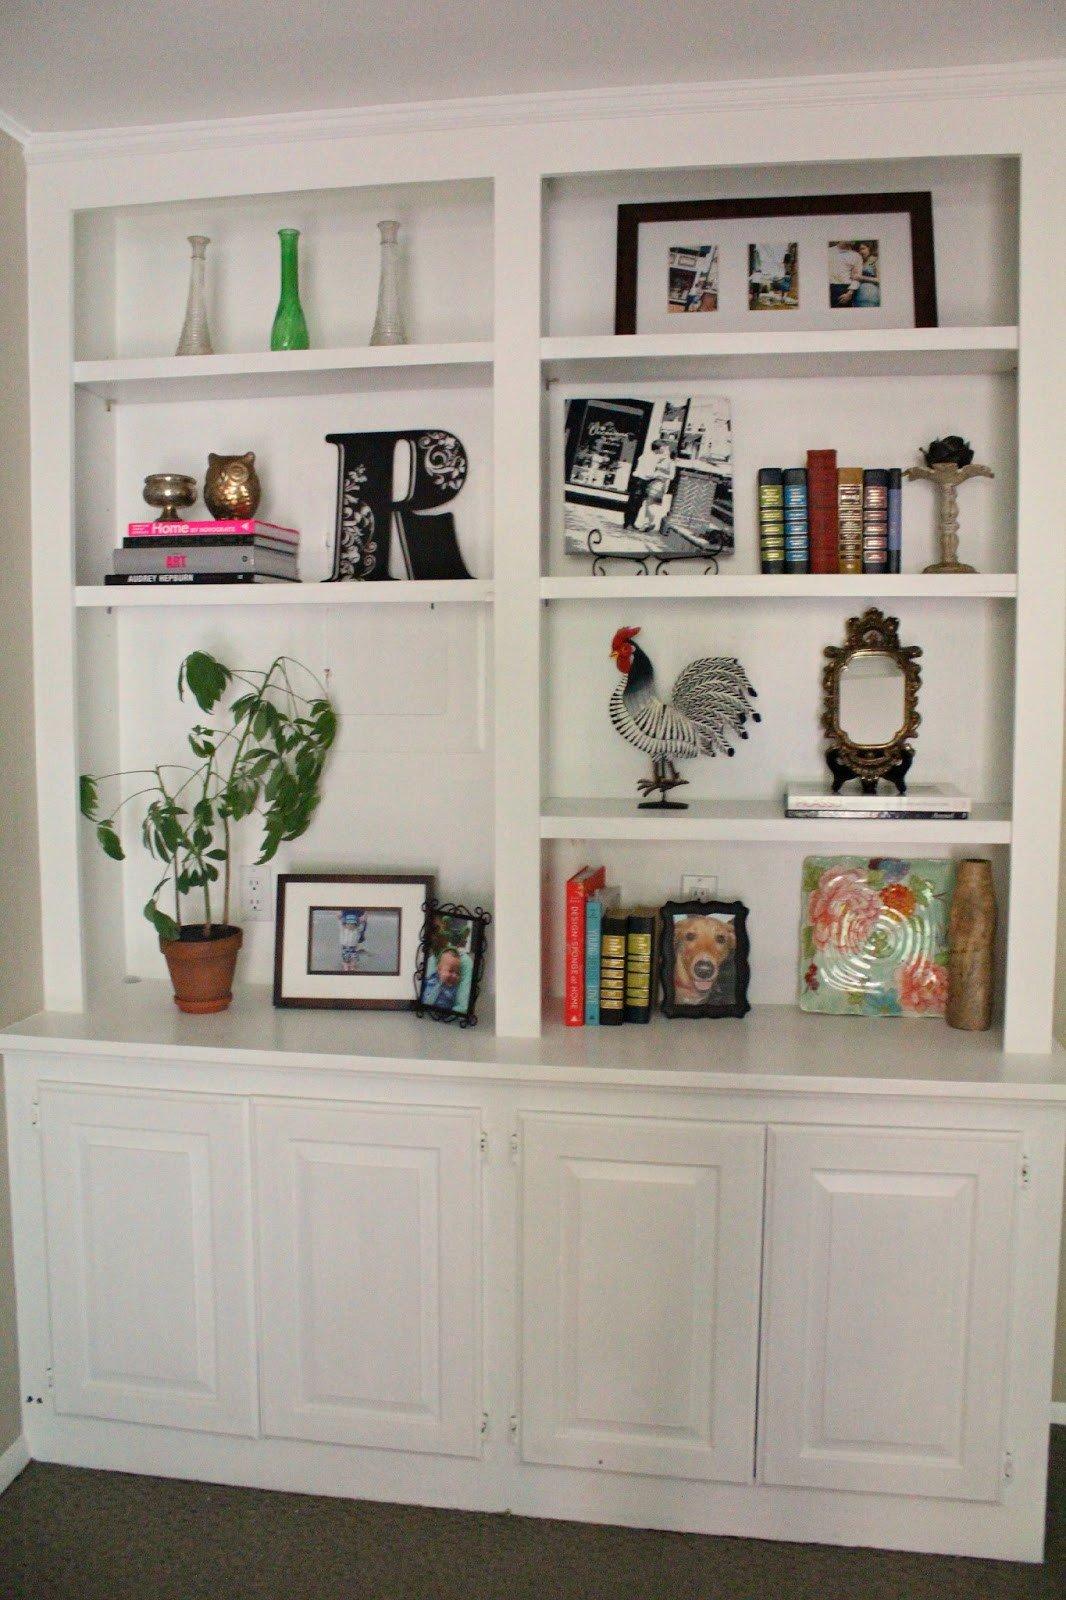 Living Room Ideas Shelves New Ten June My Living Room Built In Bookshelves are Styled